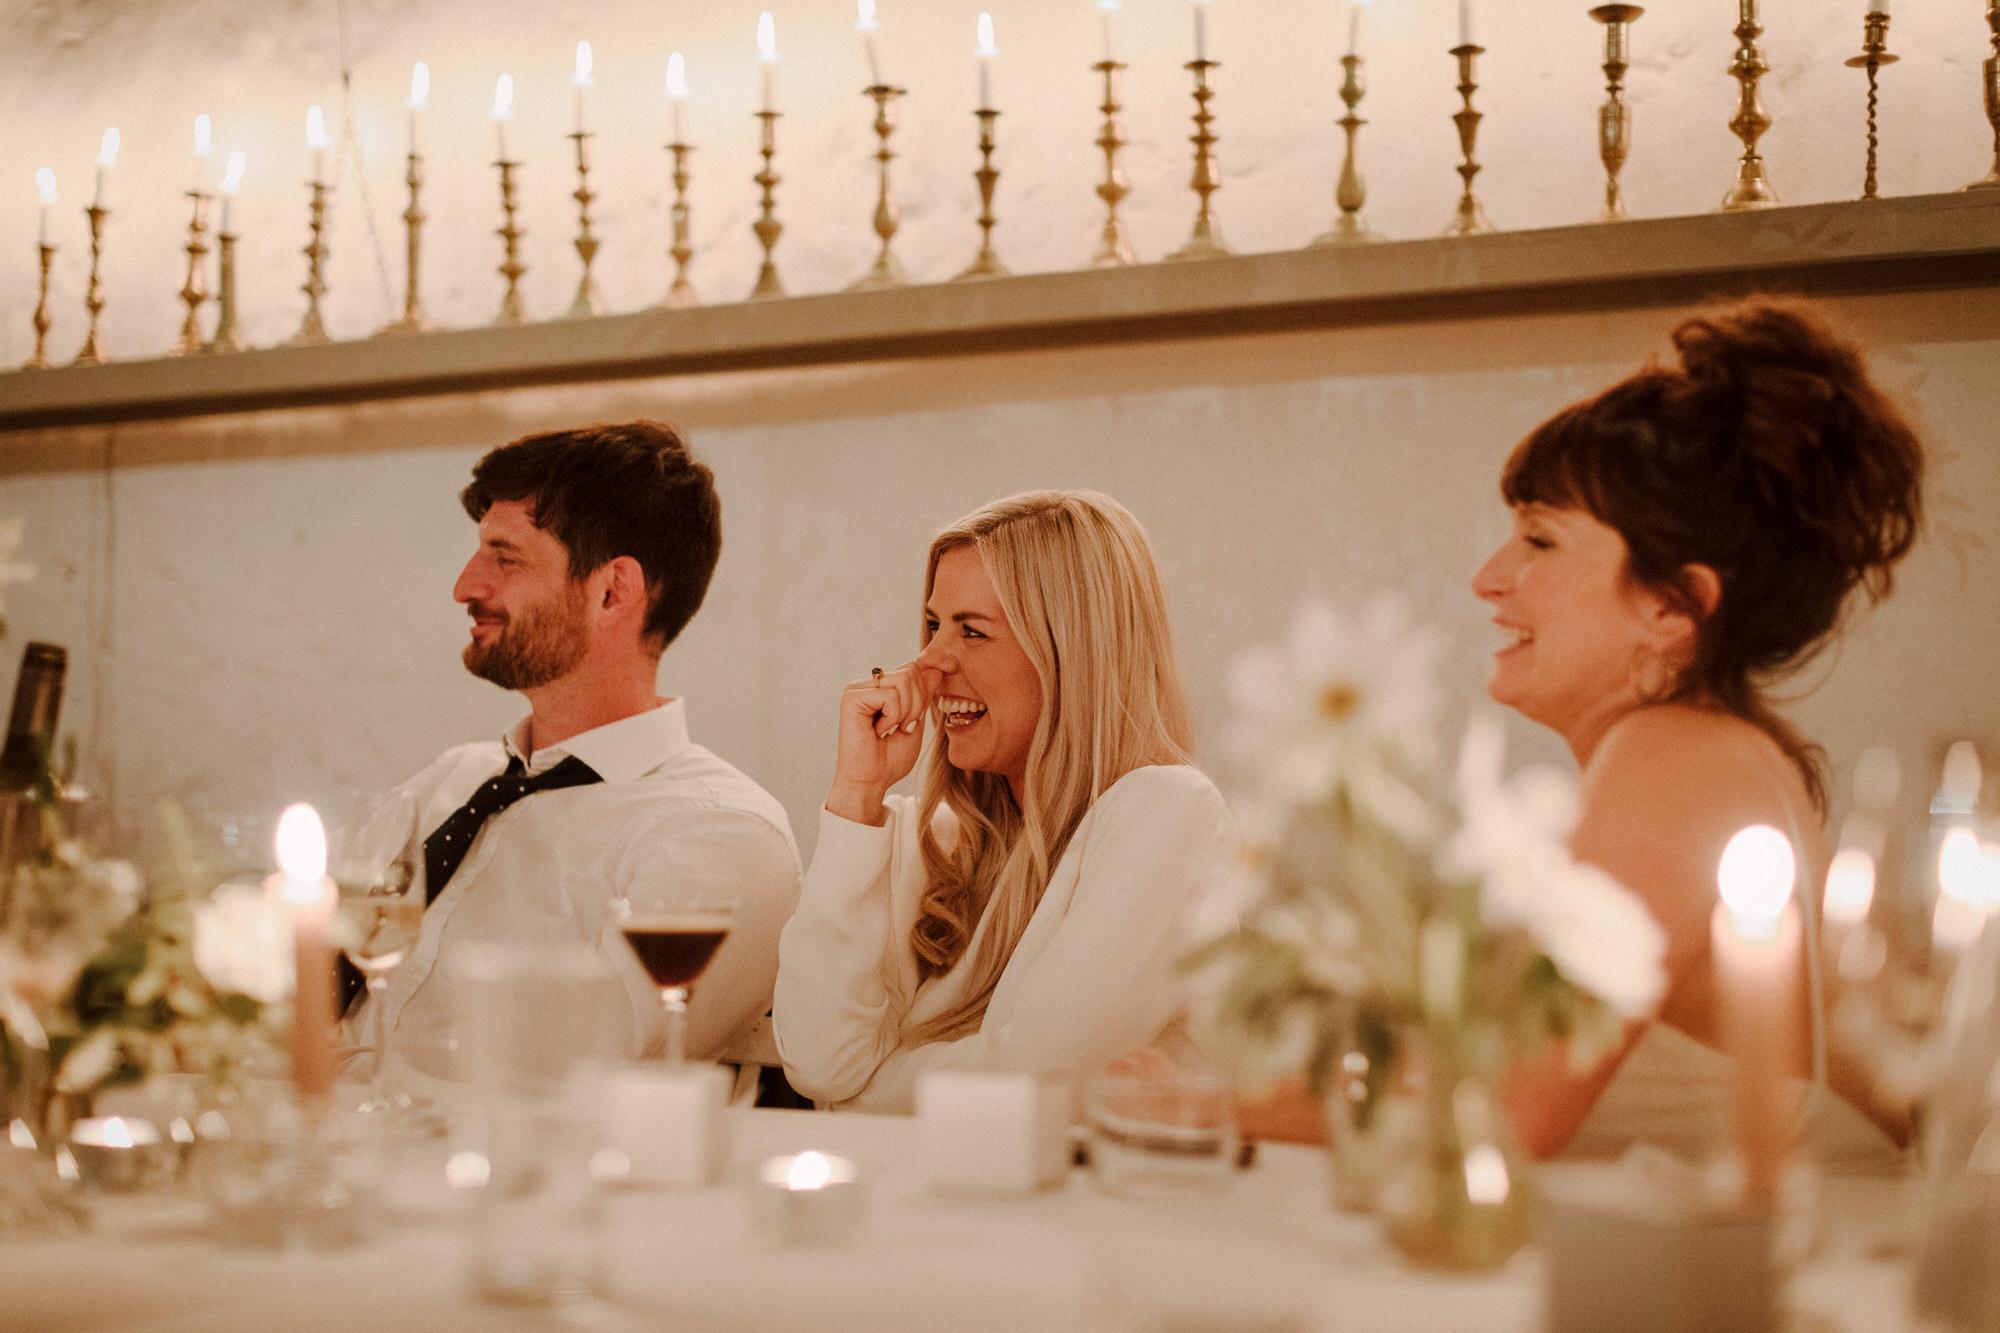 Chateau Rigaud Wedding Photography 20-48-47-1Q5A3877-R+L.jpg